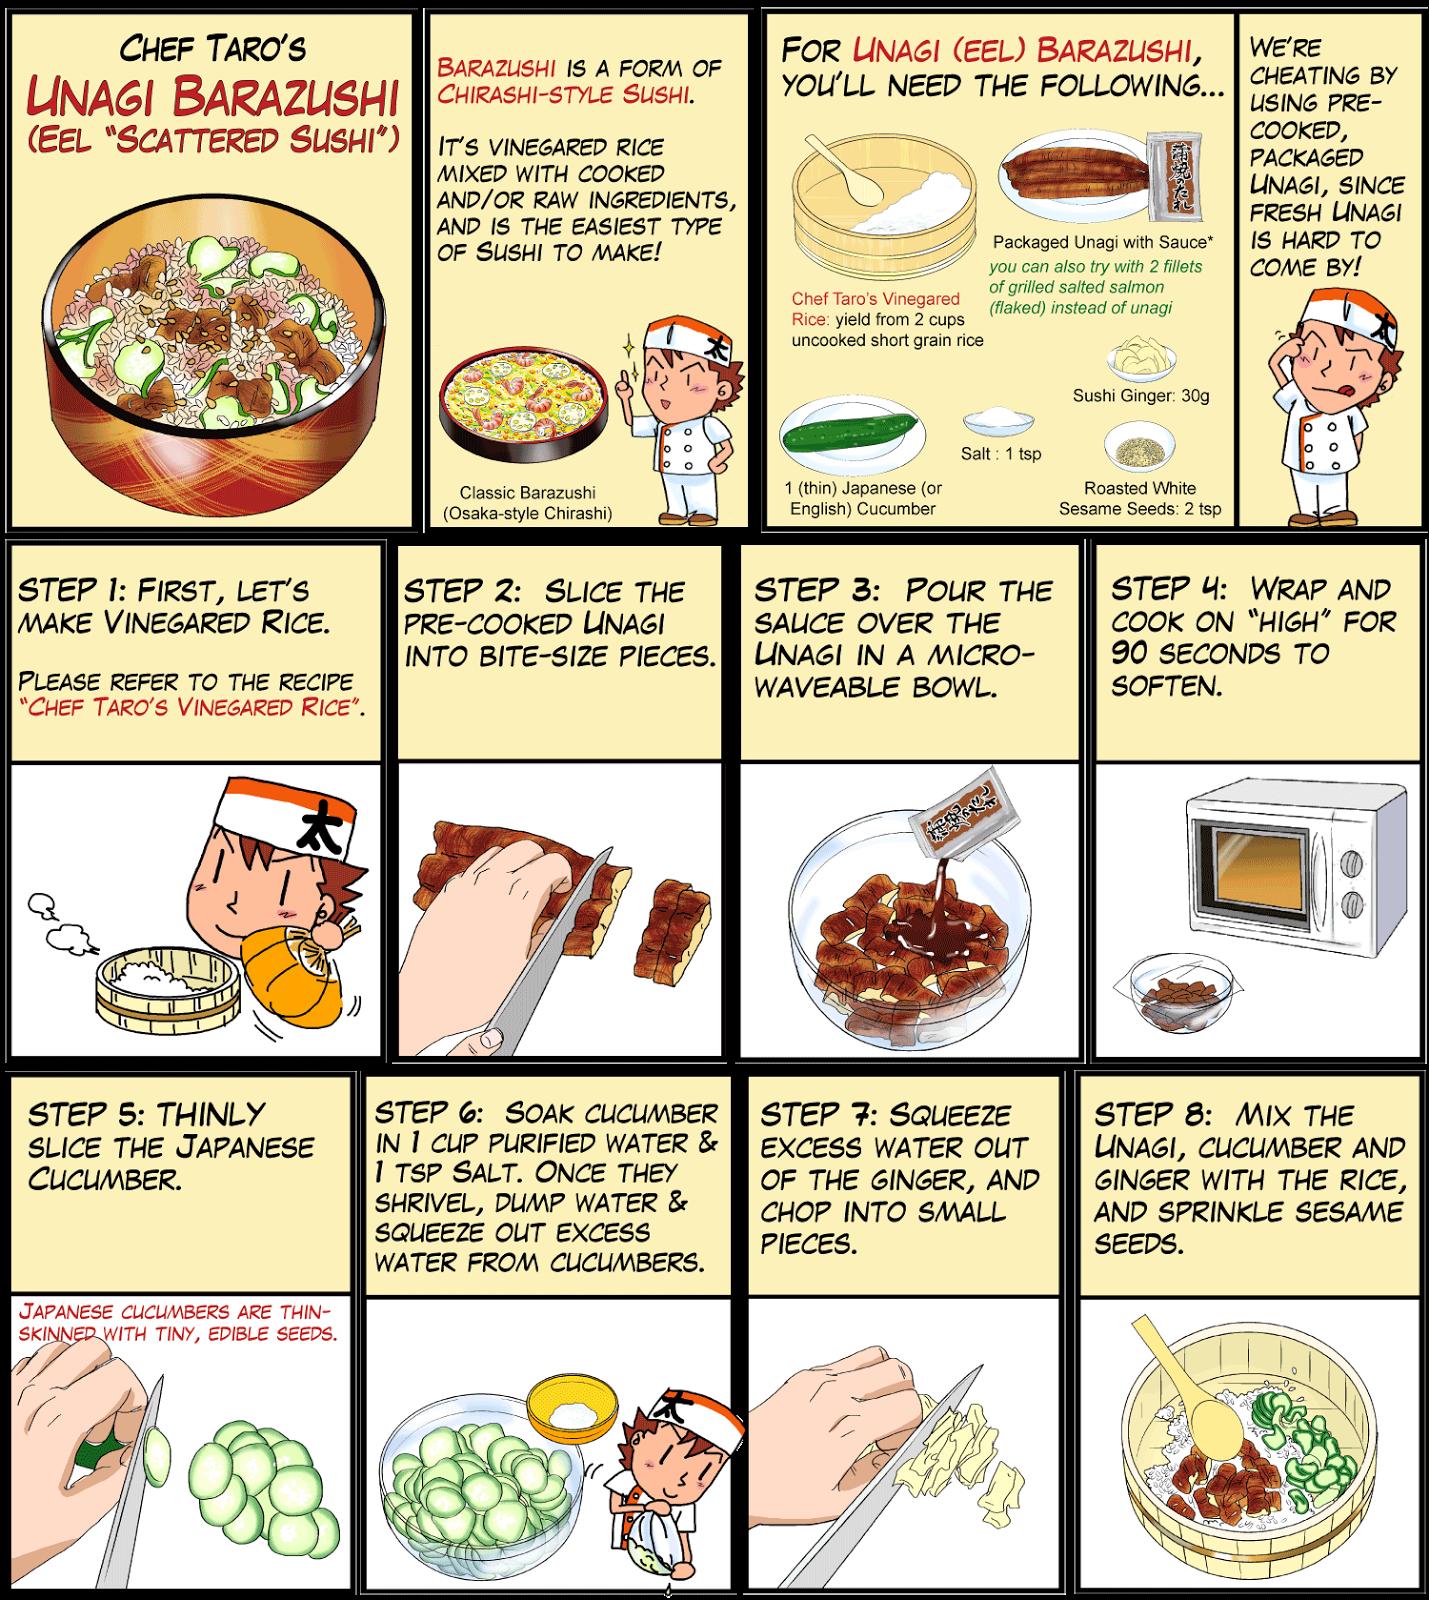 Maos A Obra Receitas Basicas Da Culinaria Japonesa Arroz